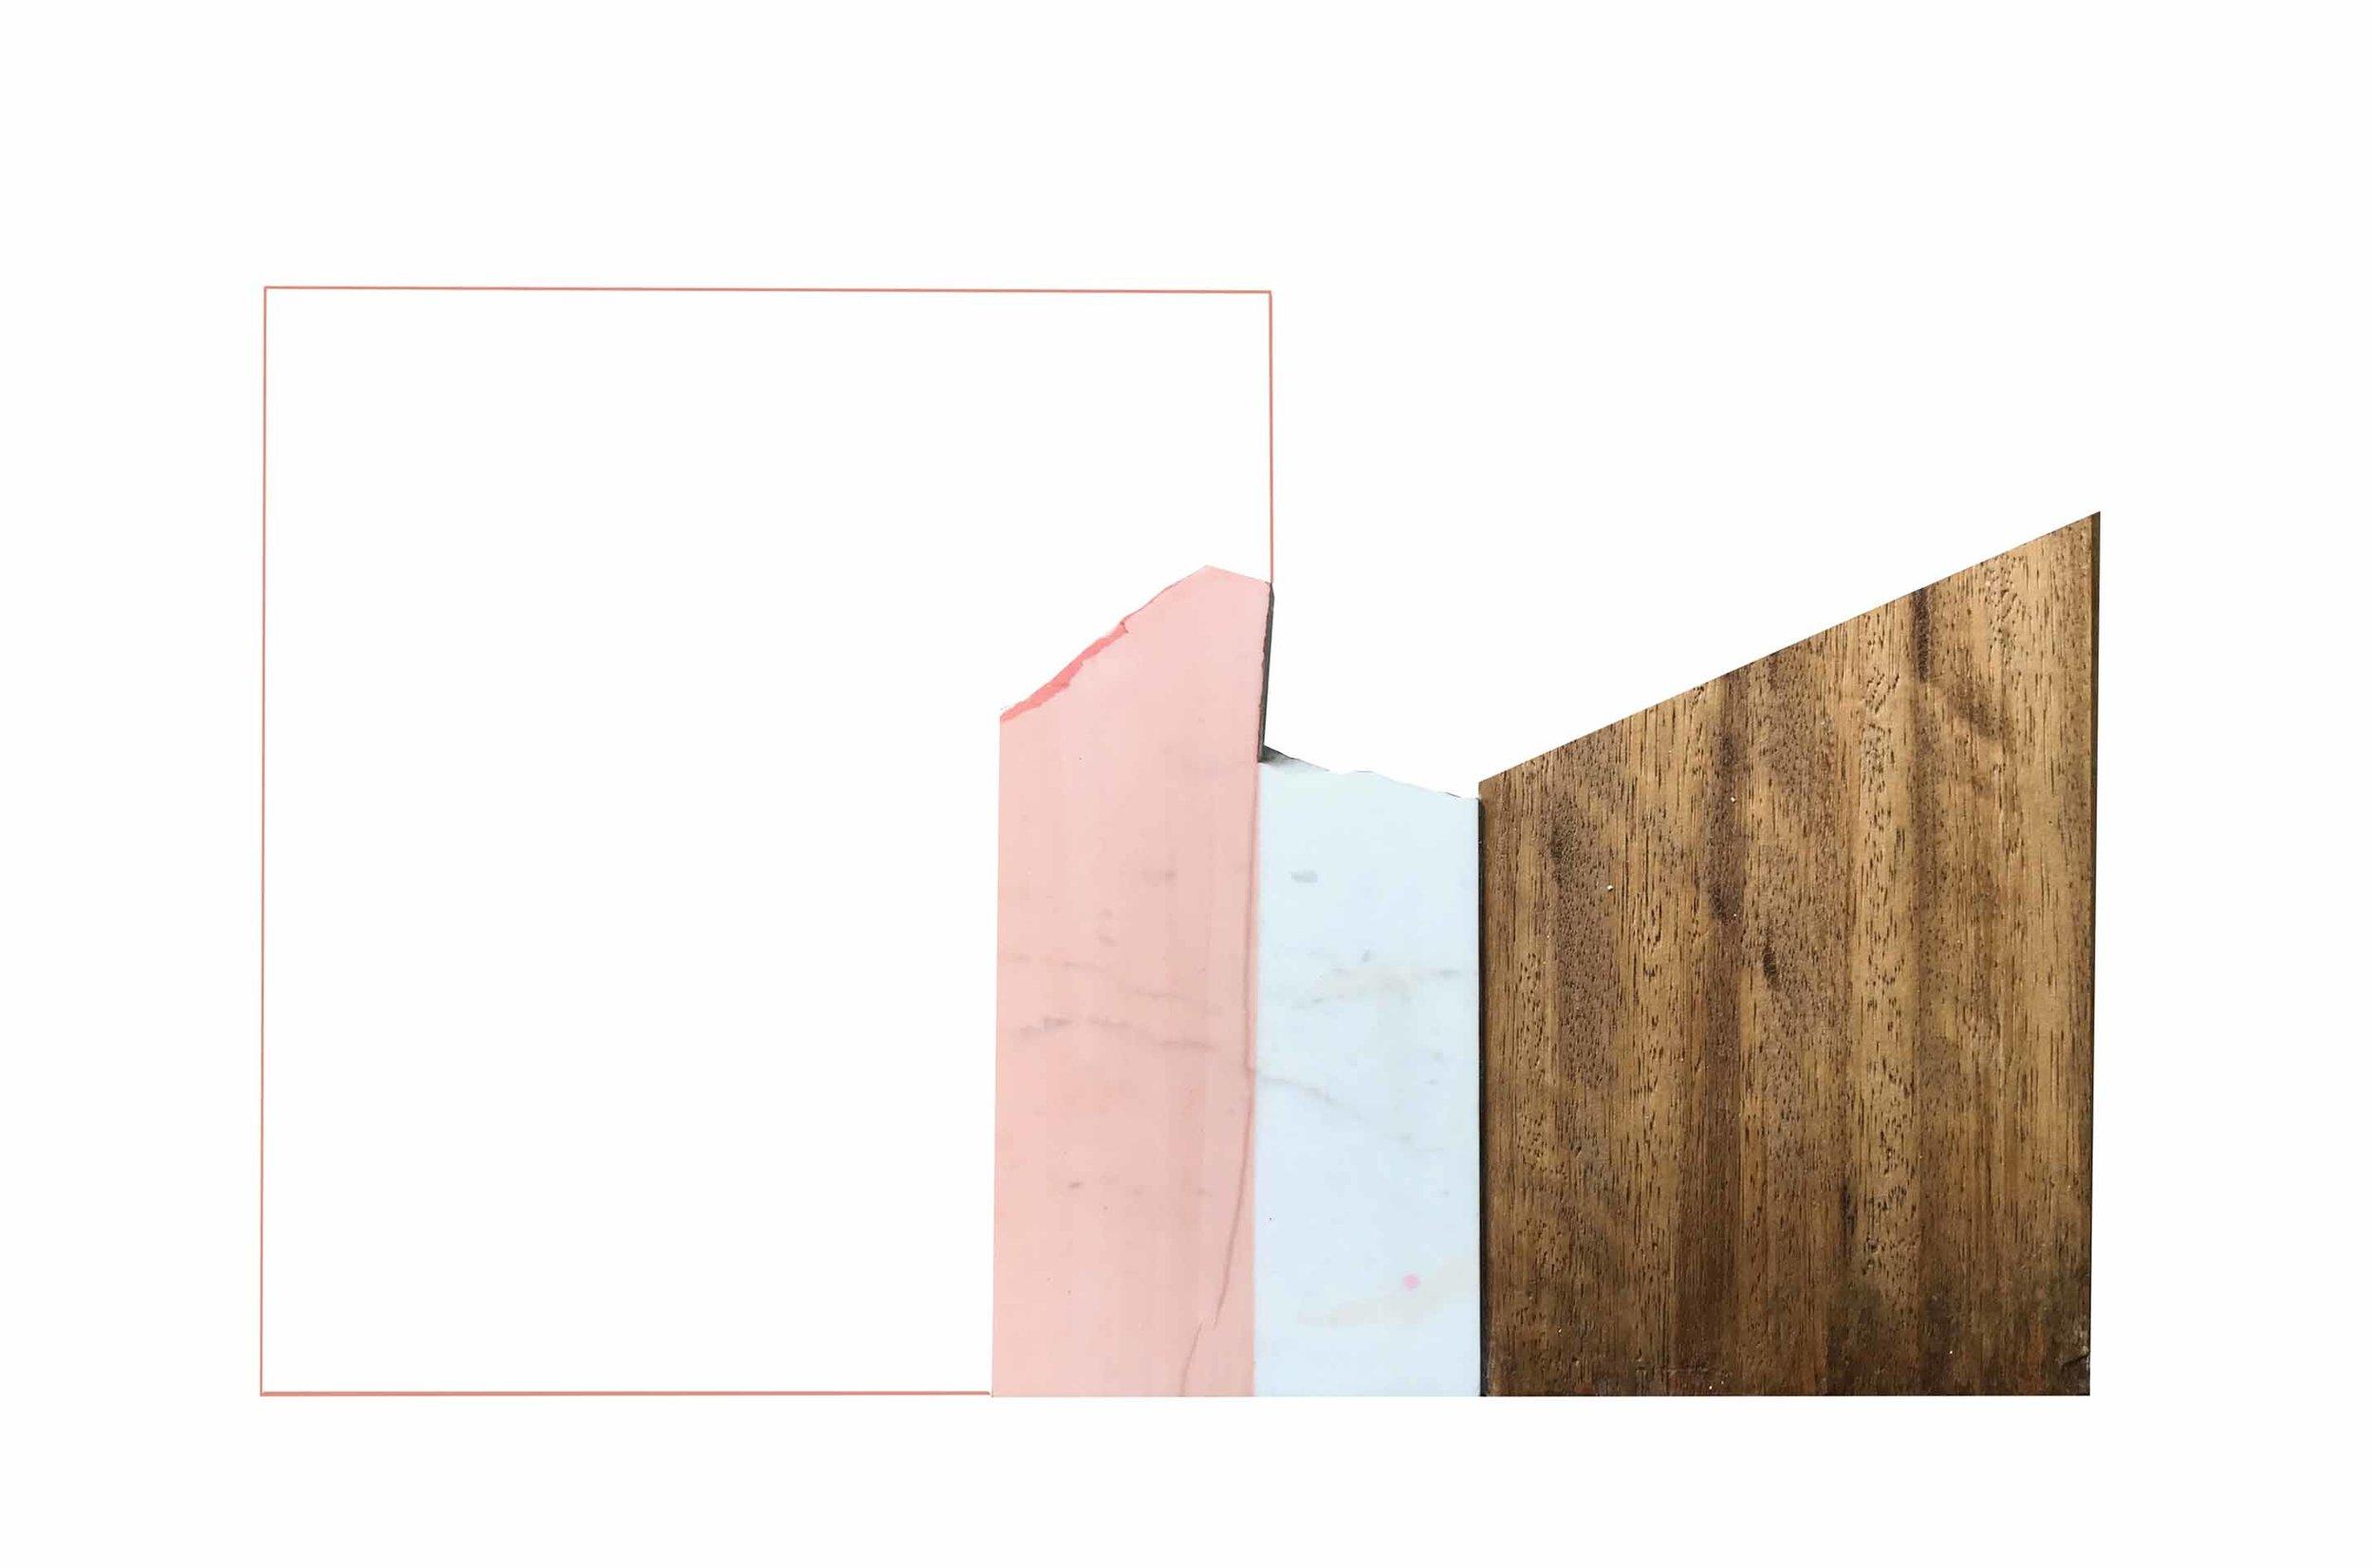 Rectangulo Rosado, 45 x 70 cms